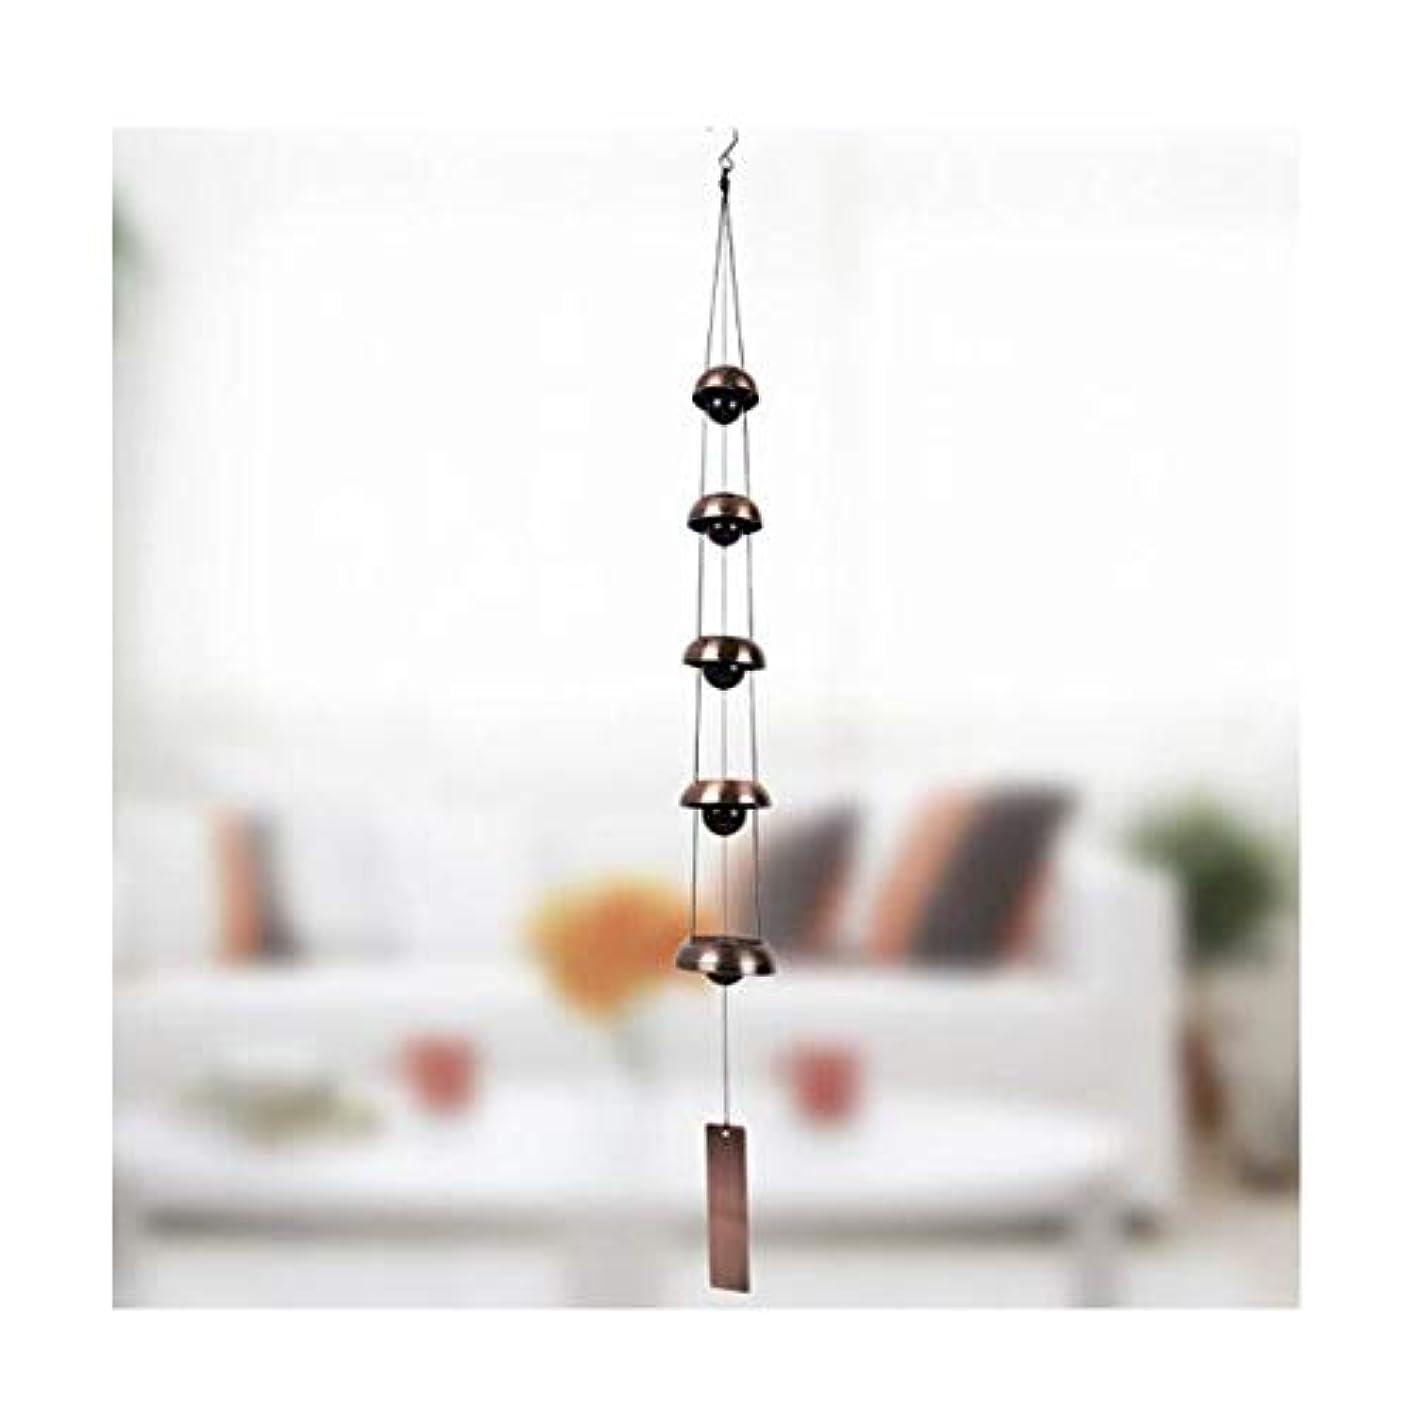 階層リンス祝福する風チャイム、回転パゴダ五層祝福風の鐘、ホームレトロアイアンベルメタルオーナメント (Color : Bronze, Size : 90cm)